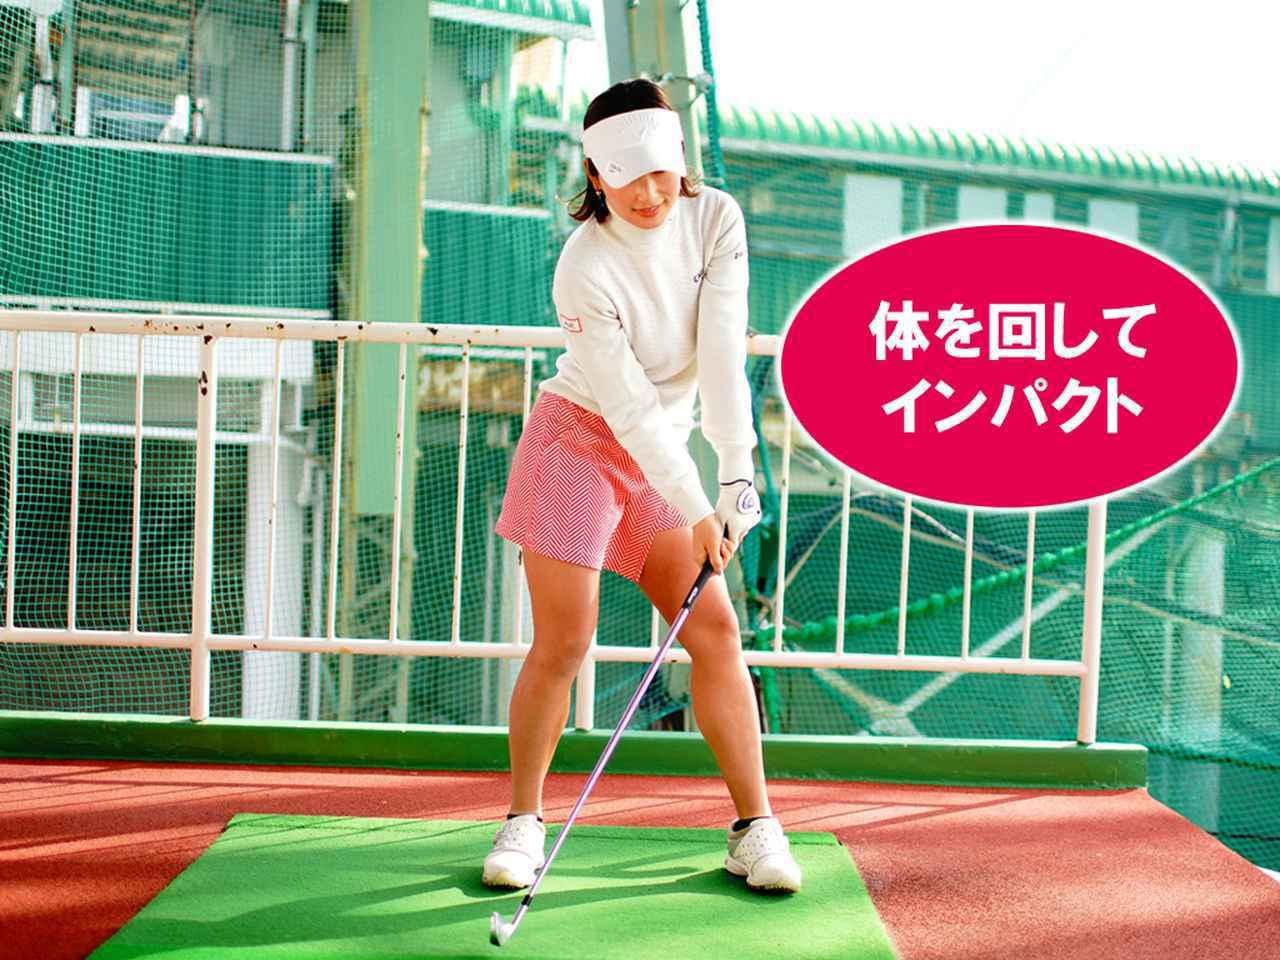 画像4: 【スウィング研究】アマチュアにやってほしいシャフト寝かせ②。井上梨花プロのシャフトを寝かせるスウィングで安定感アップ!